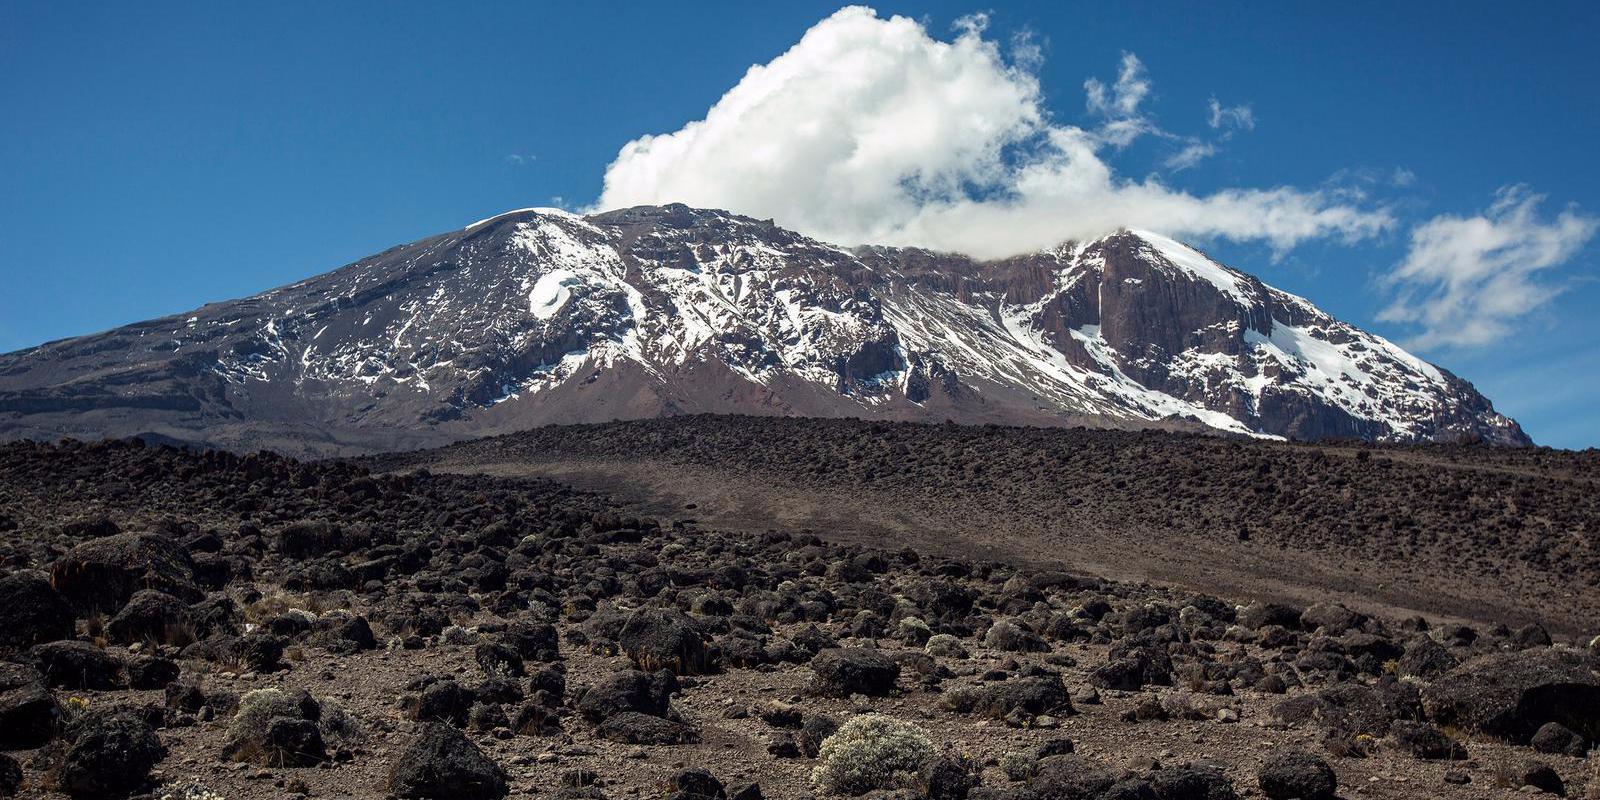 Mt. Kilimanjaro - Deposit